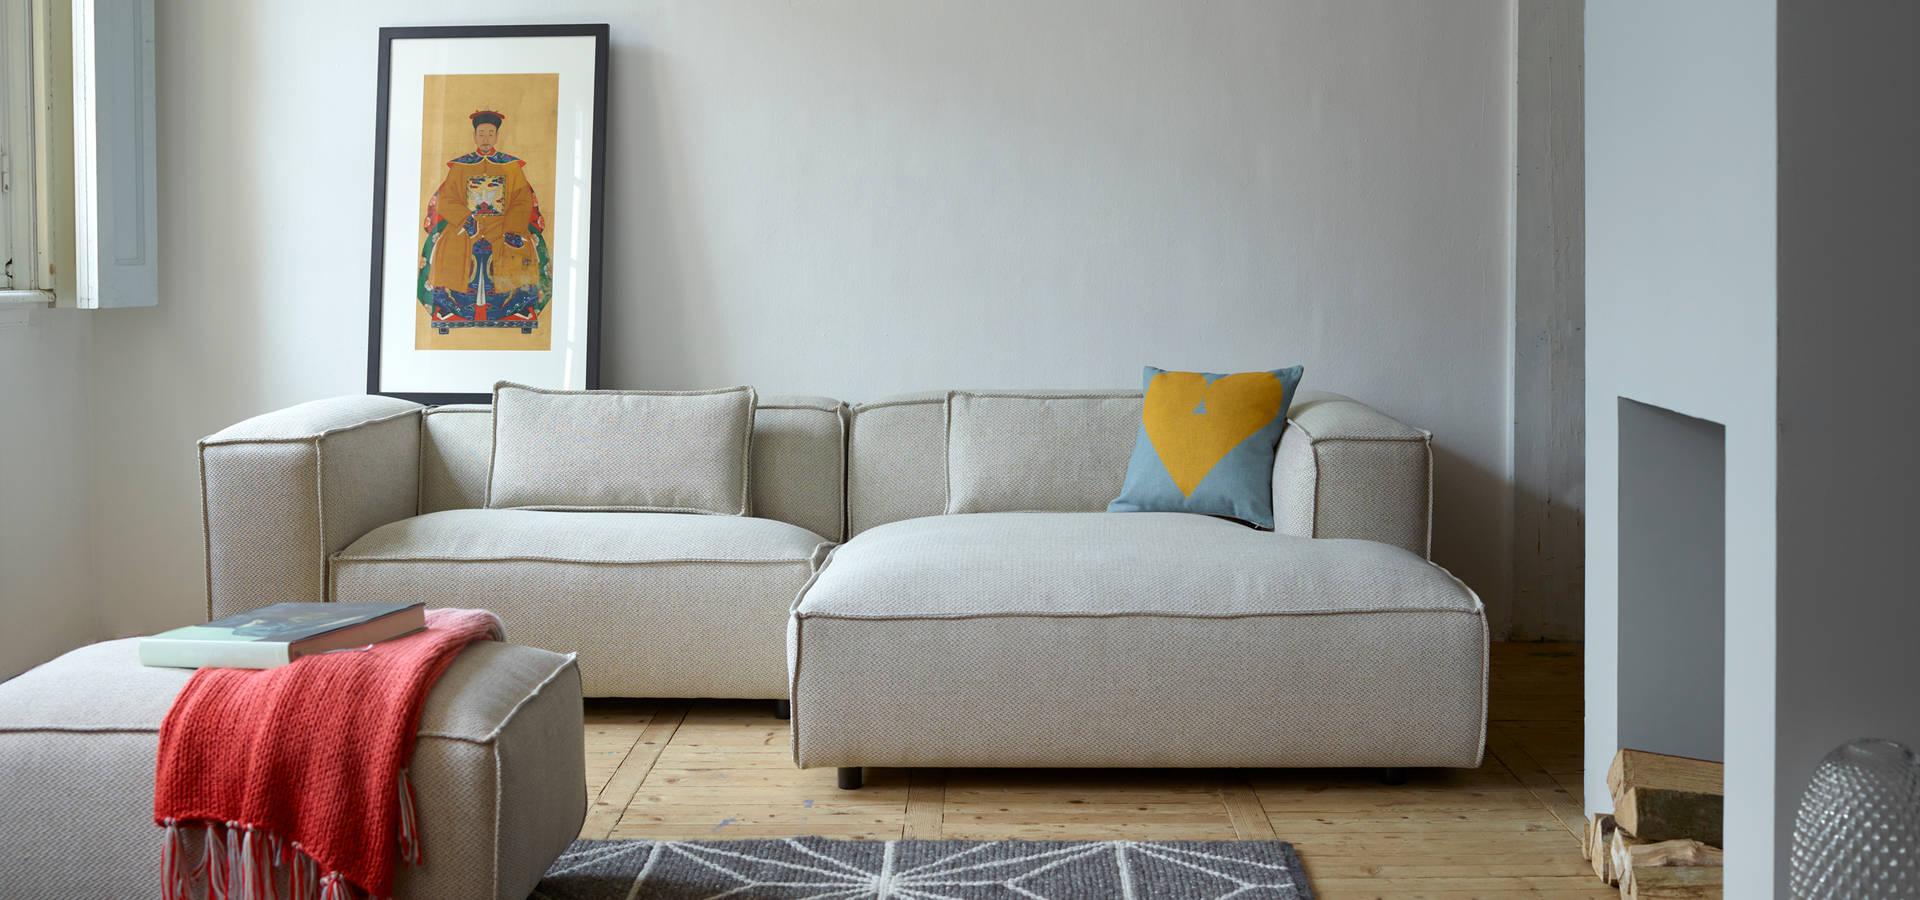 Ookinhetpaars de webshop voor kleurrijke kussens en prachtige plaids di ookinhetpaars homify - Harte mobili soggiorno ...